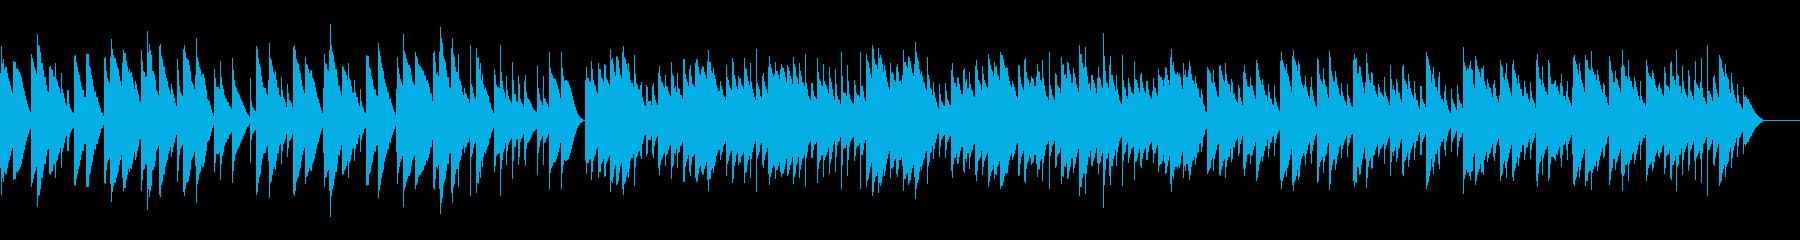 ヘンデル サラバンド (オルゴール)の再生済みの波形